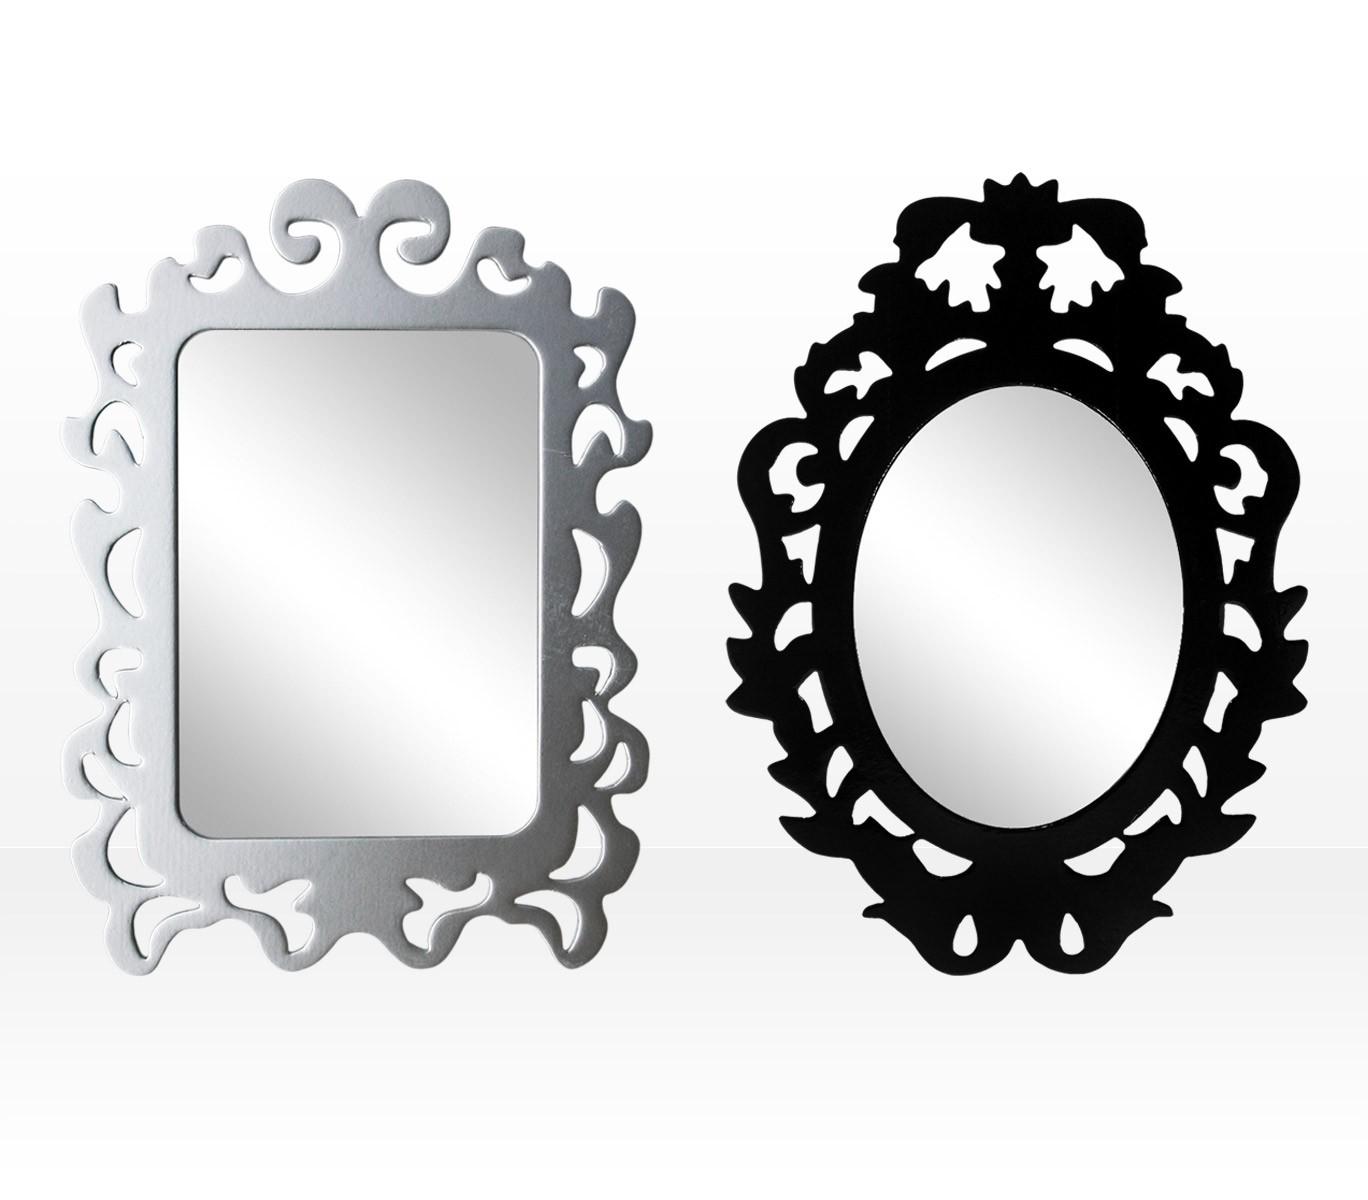 Specchio adesivo armadio casamia idea di immagine - Specchio adesivo ikea ...